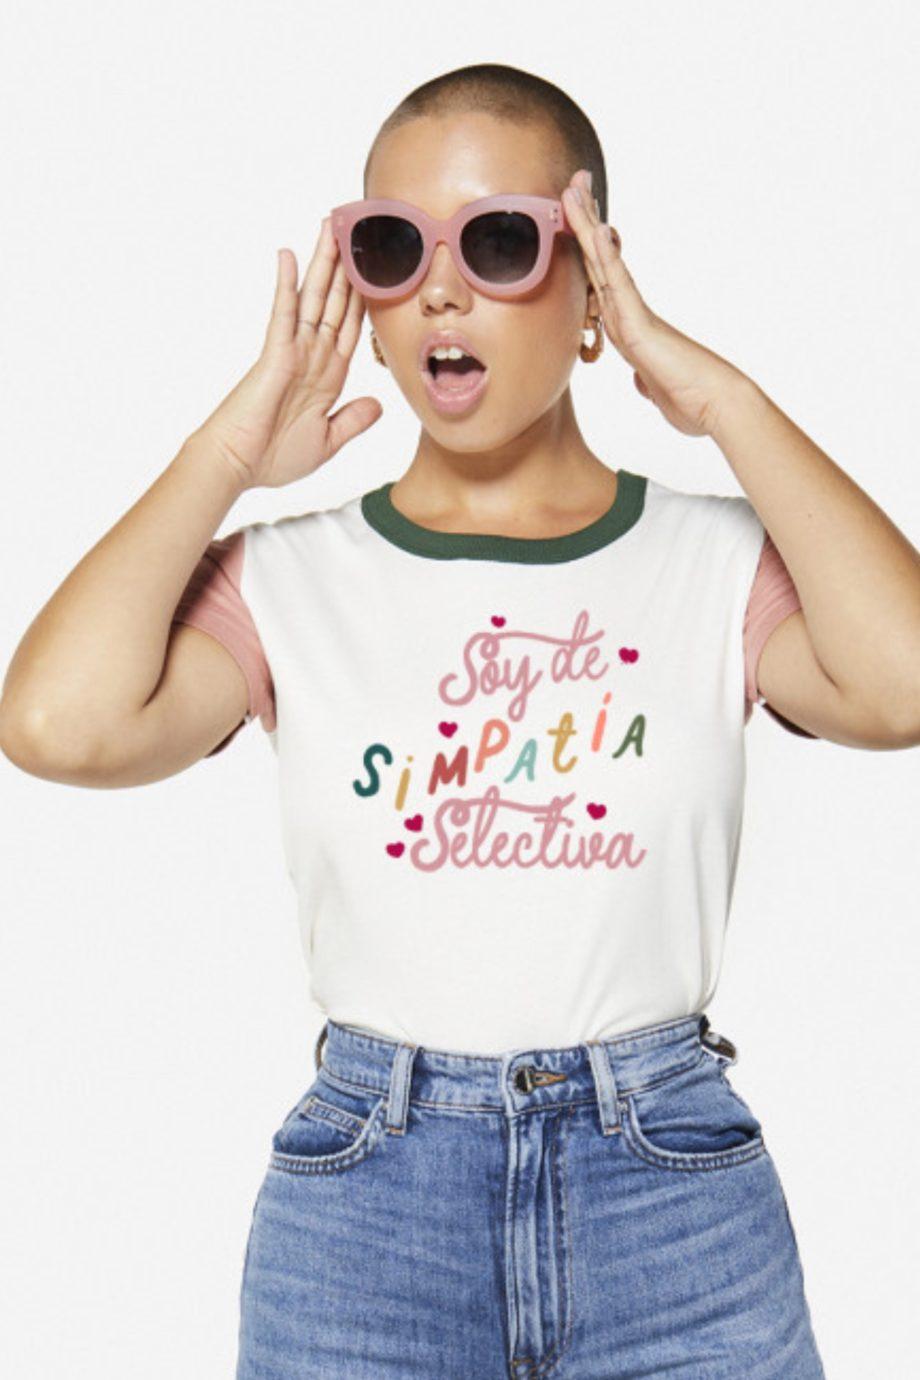 offset-collage-camiseta-simpatia-selectiva